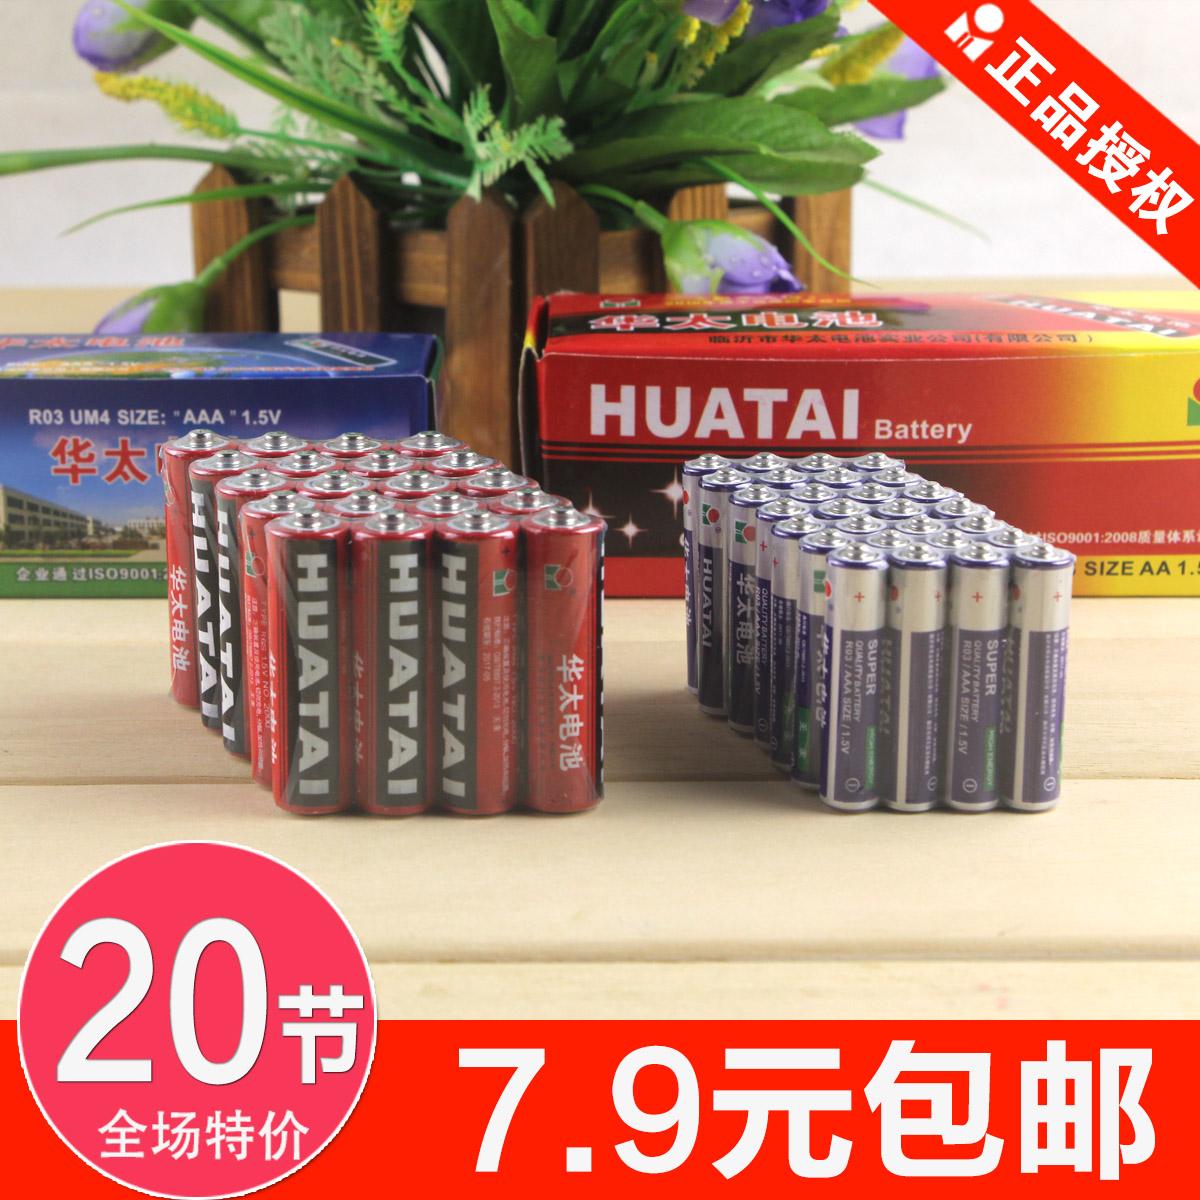 Подлинный цветущий слишком сухая батарея 20 фестиваль ребенок электрический игрушка звук флип-чарт пульт специальный цветущий тайский 5 количество 7 количество